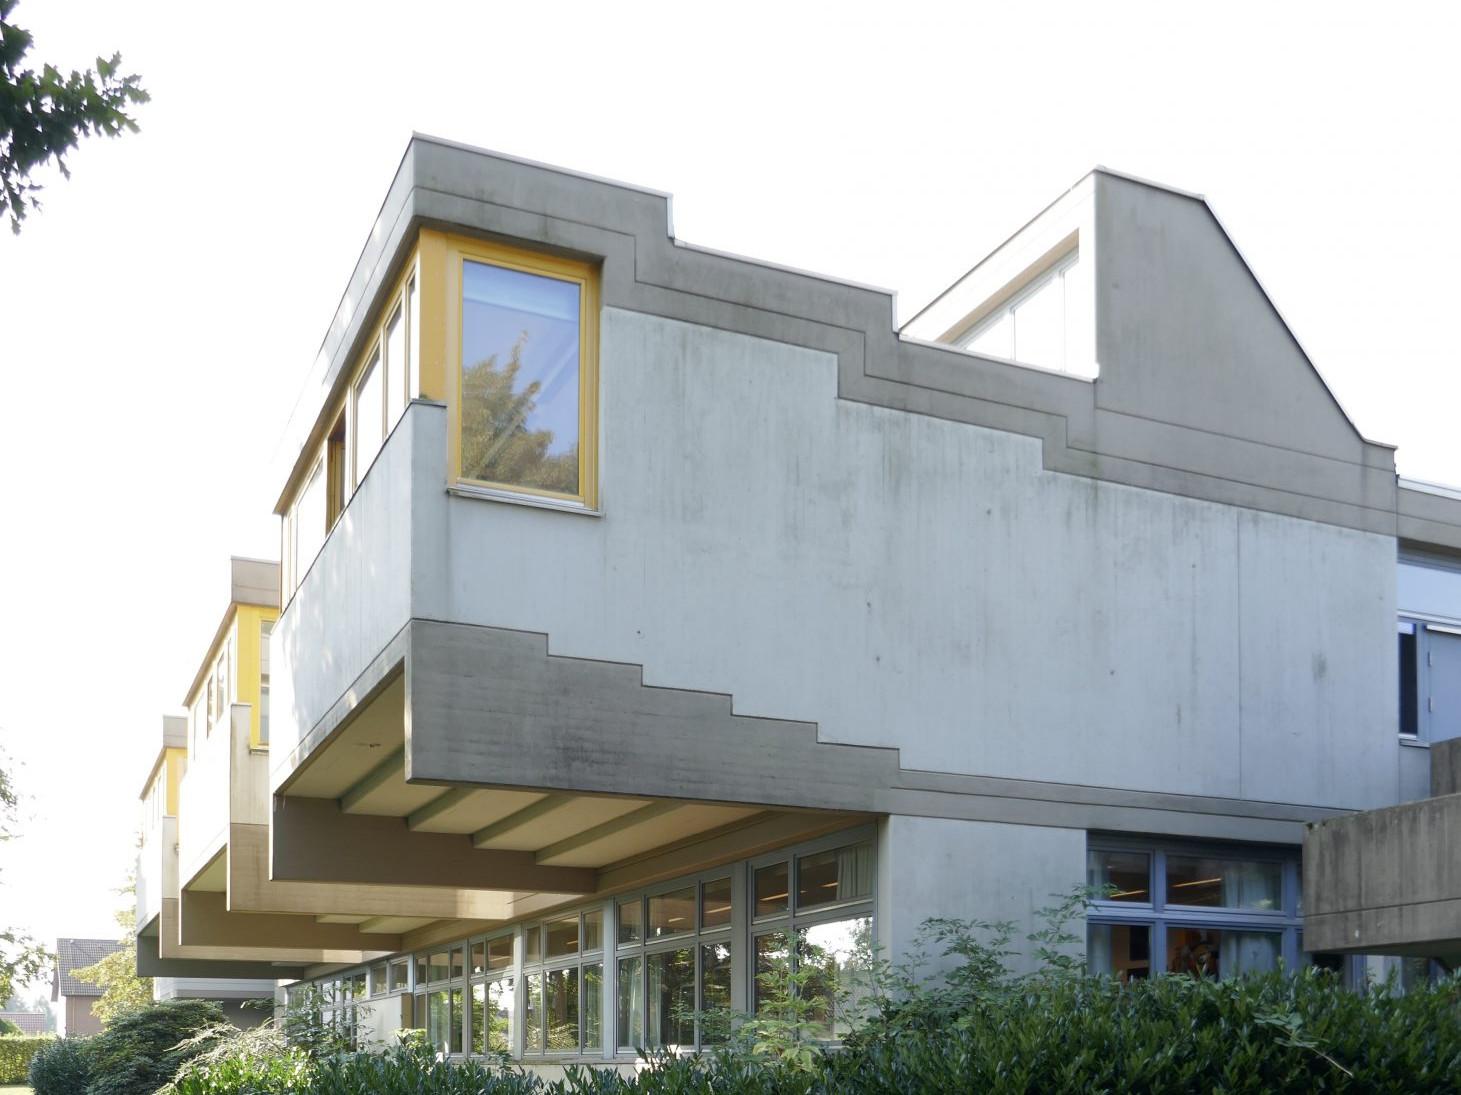 Realschule Lemgo (Harald Deilmann, 1964-1969) - Foto: Stefan Rethfeld